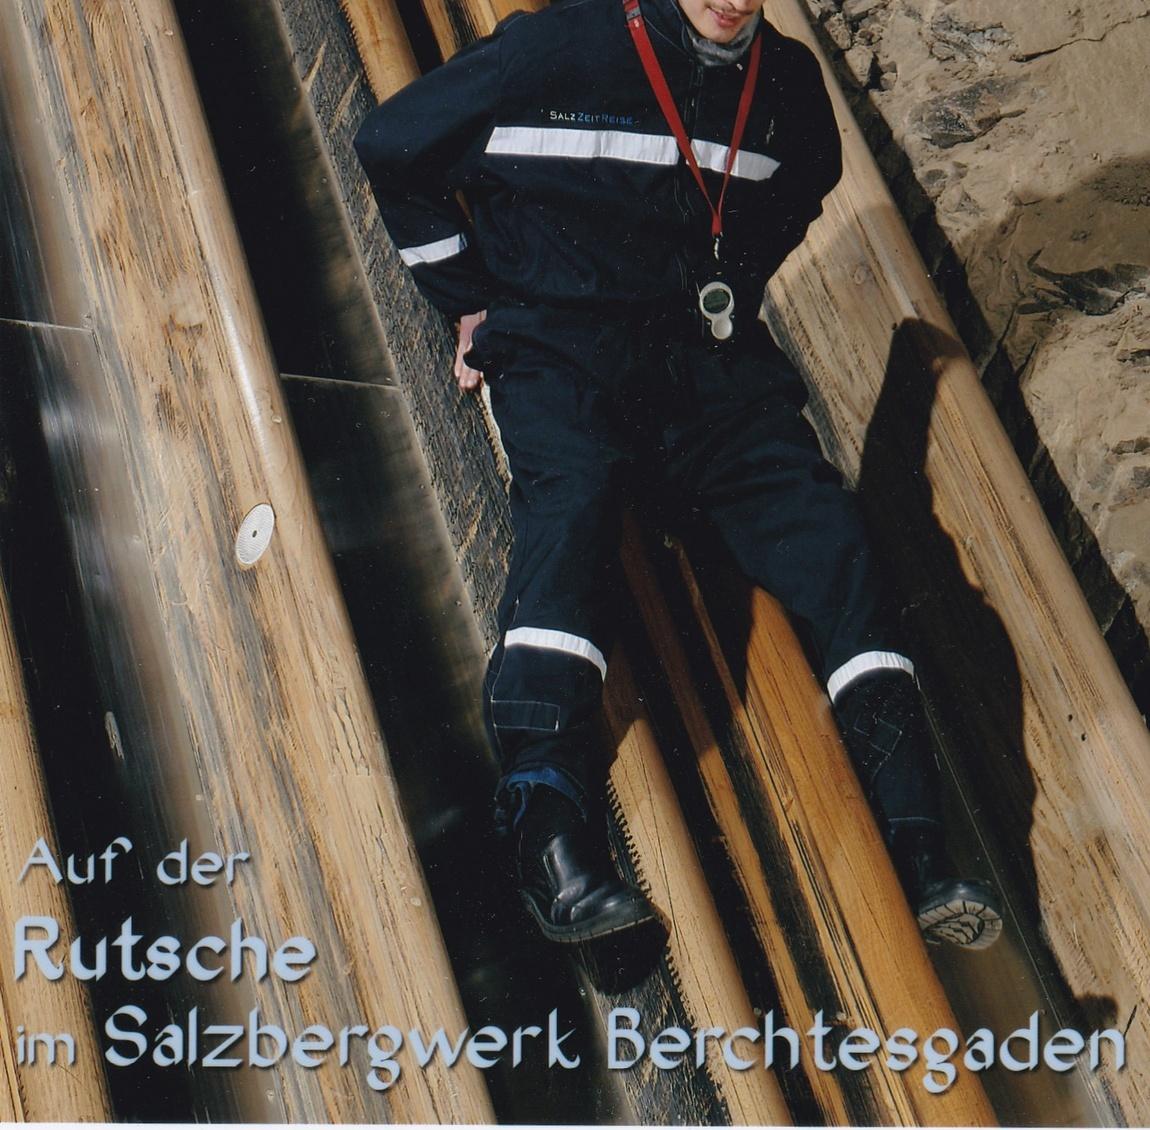 """""""Спуск в преисподнюю"""" по шахтёрской горке в соляные шахты Зальцбергверк (Австрия)"""